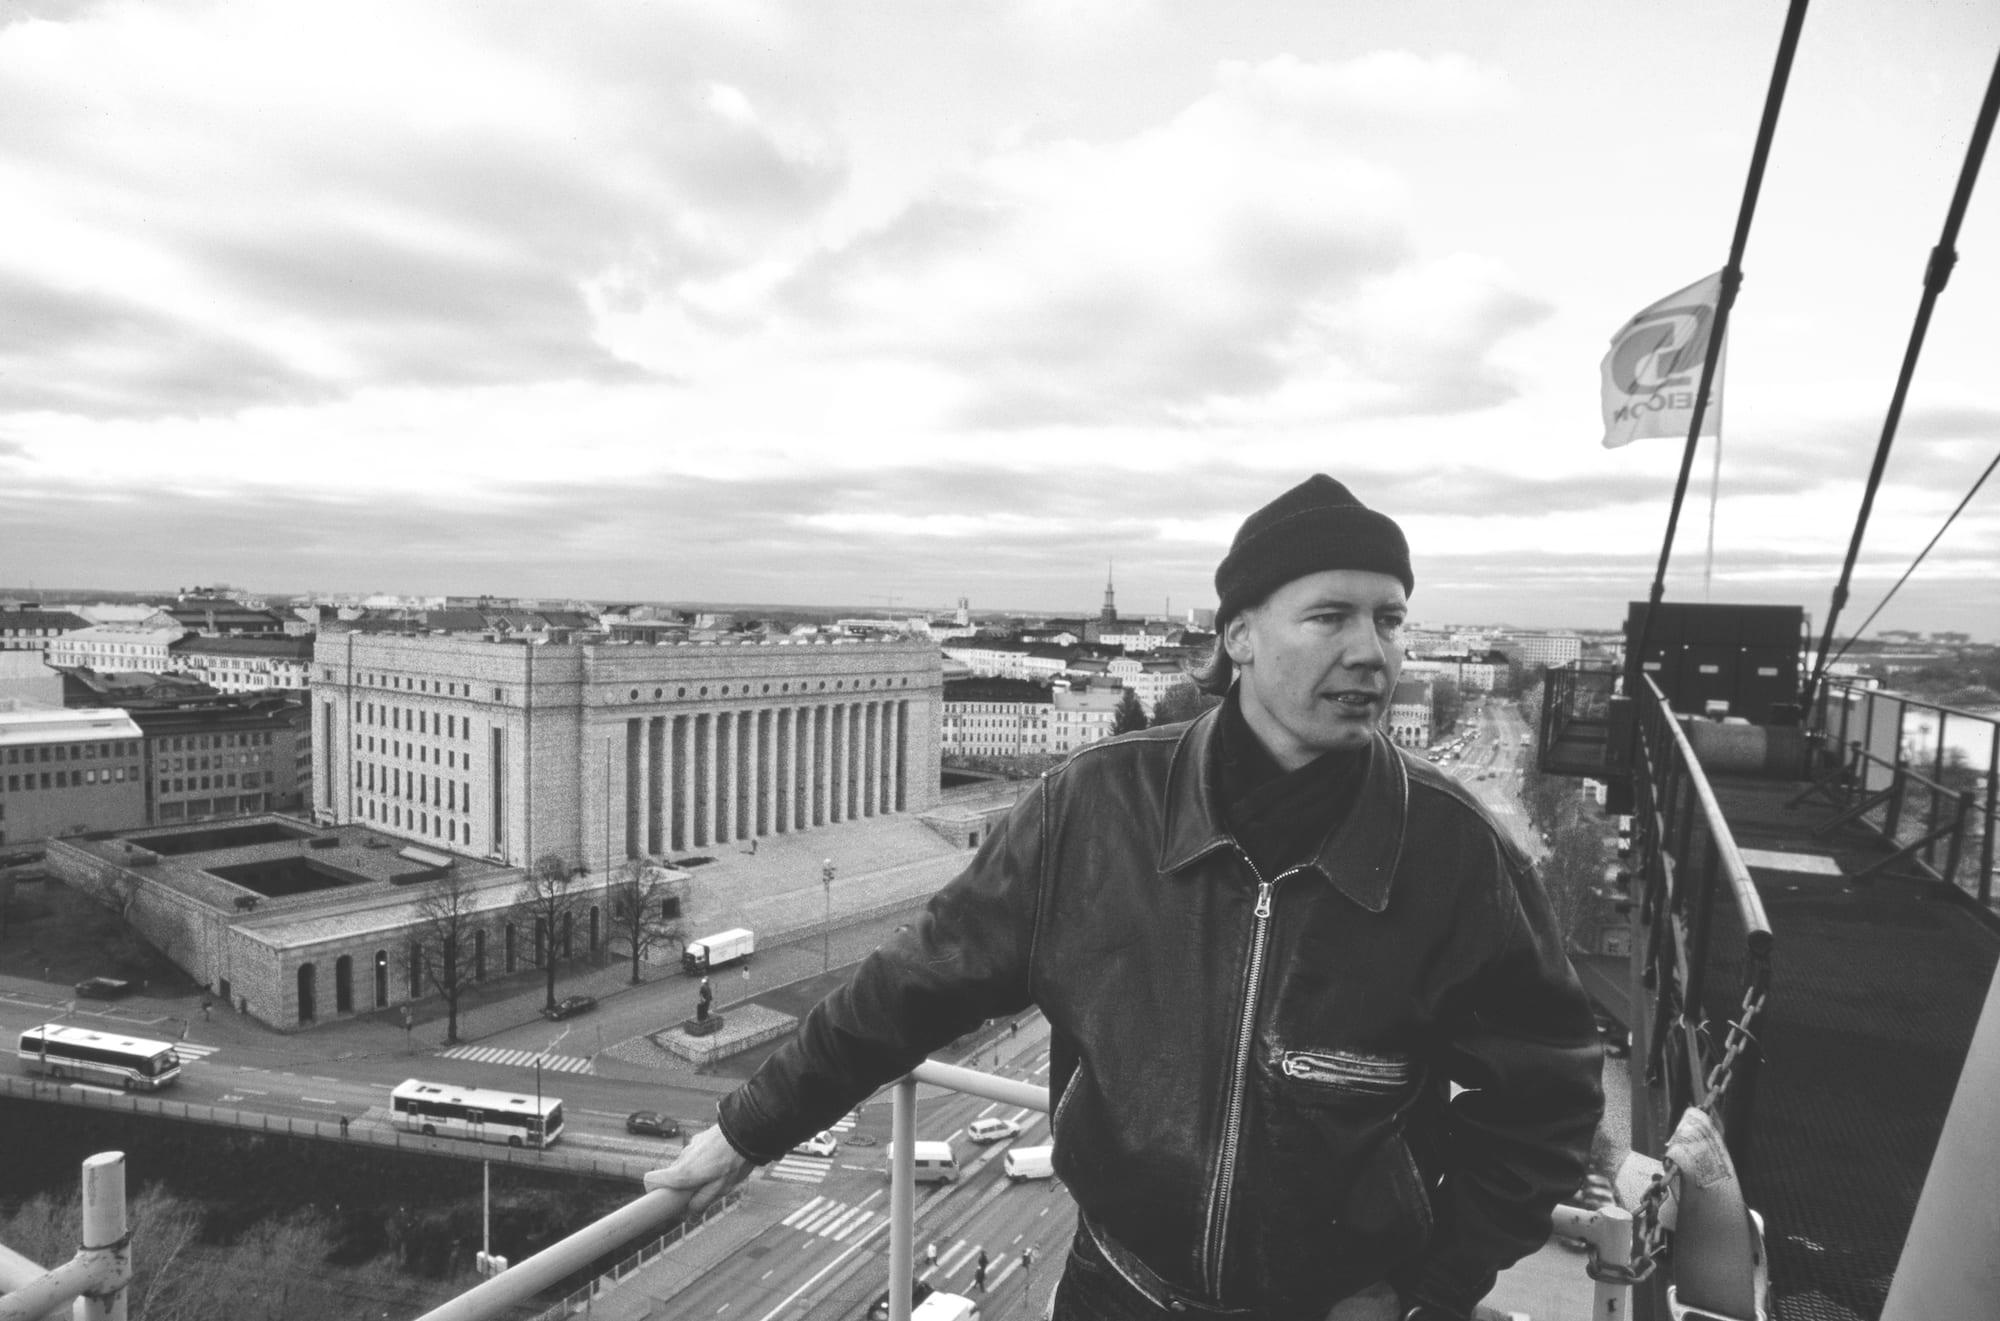 Arkkitehti Timo Kiukkola nosturissa, taustalla näkyy Eduskuntatalo ja Etu-Töölöä. Mannerheimintiellä ajaa autoja.